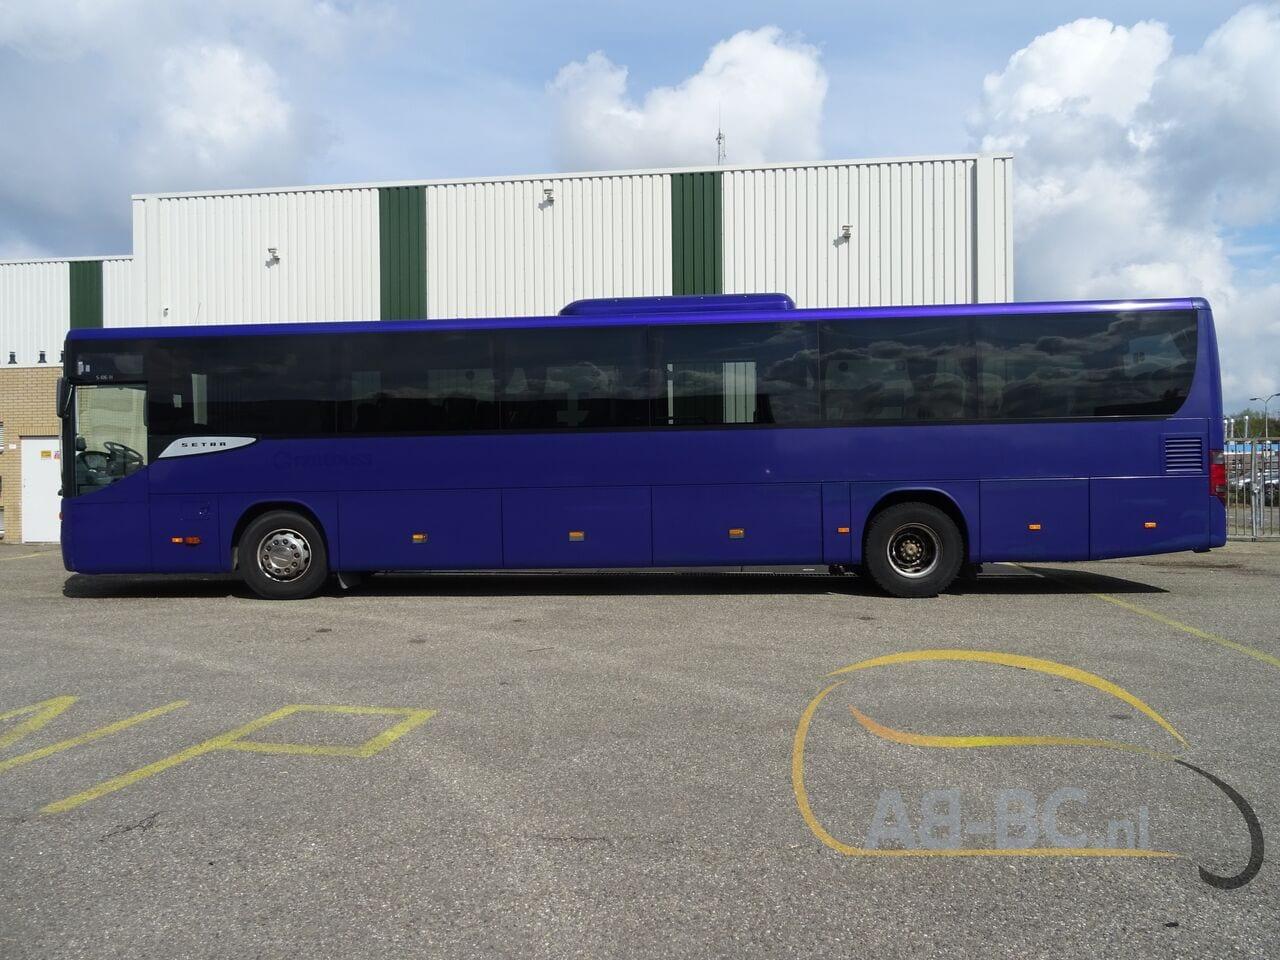 coach-busSETRA-S416H-48-SEATS-LIFTBUS---1620309672248657449_big_1c37d161af77487159d0f5fbd56565a2--21050616581387095000